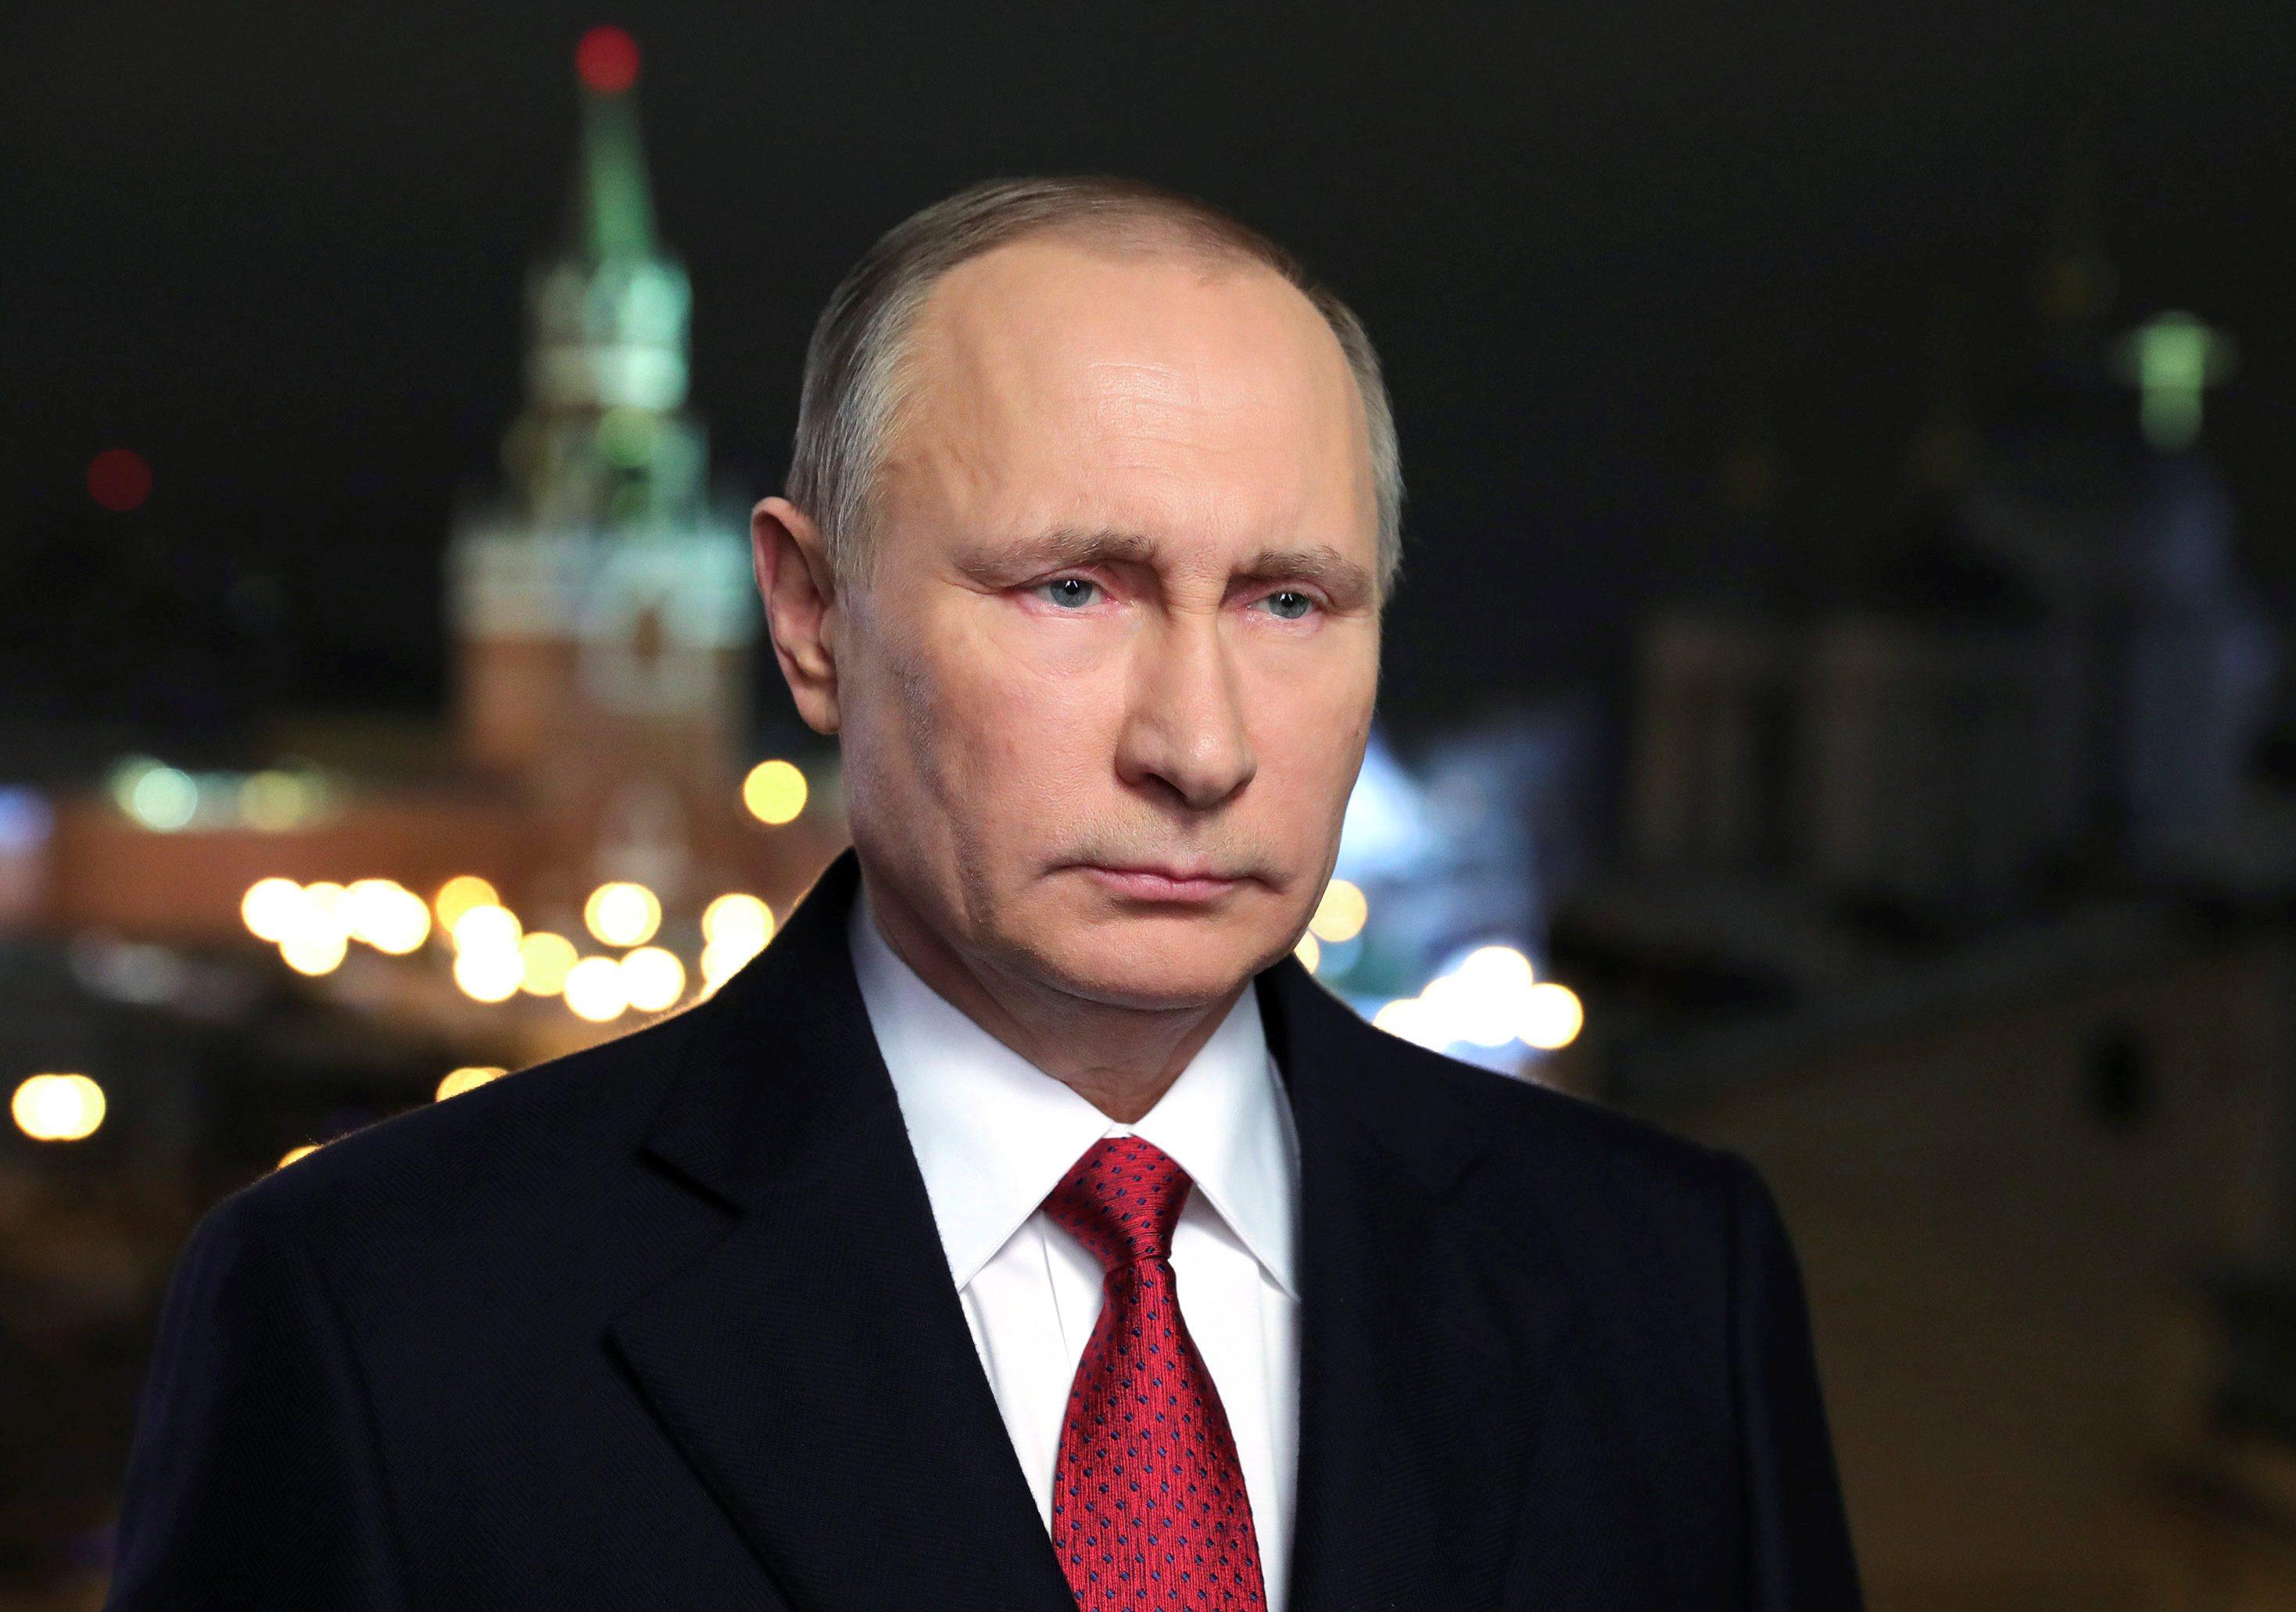 2016-12-31T221125Z_1197921214_RC17D9FEBB30_RTRMADP_3_NEW-YEAR-RUSSIA